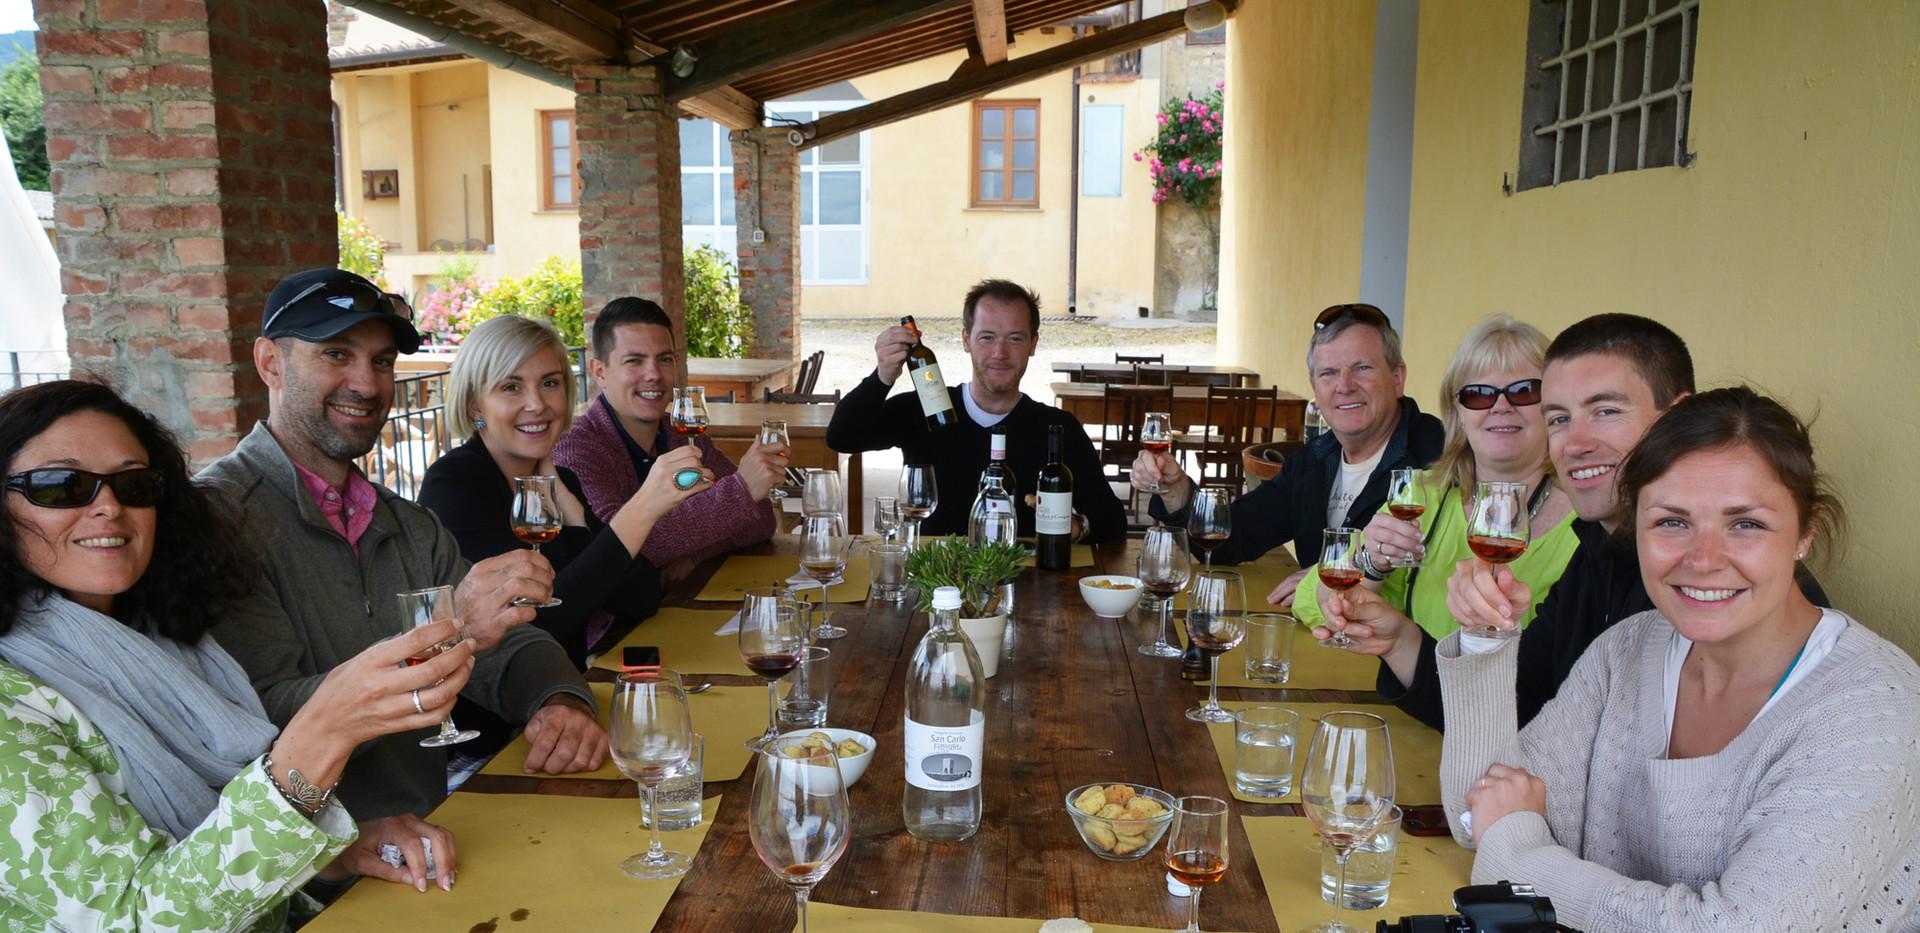 Enjoy lunch al fresco (weather permitting)